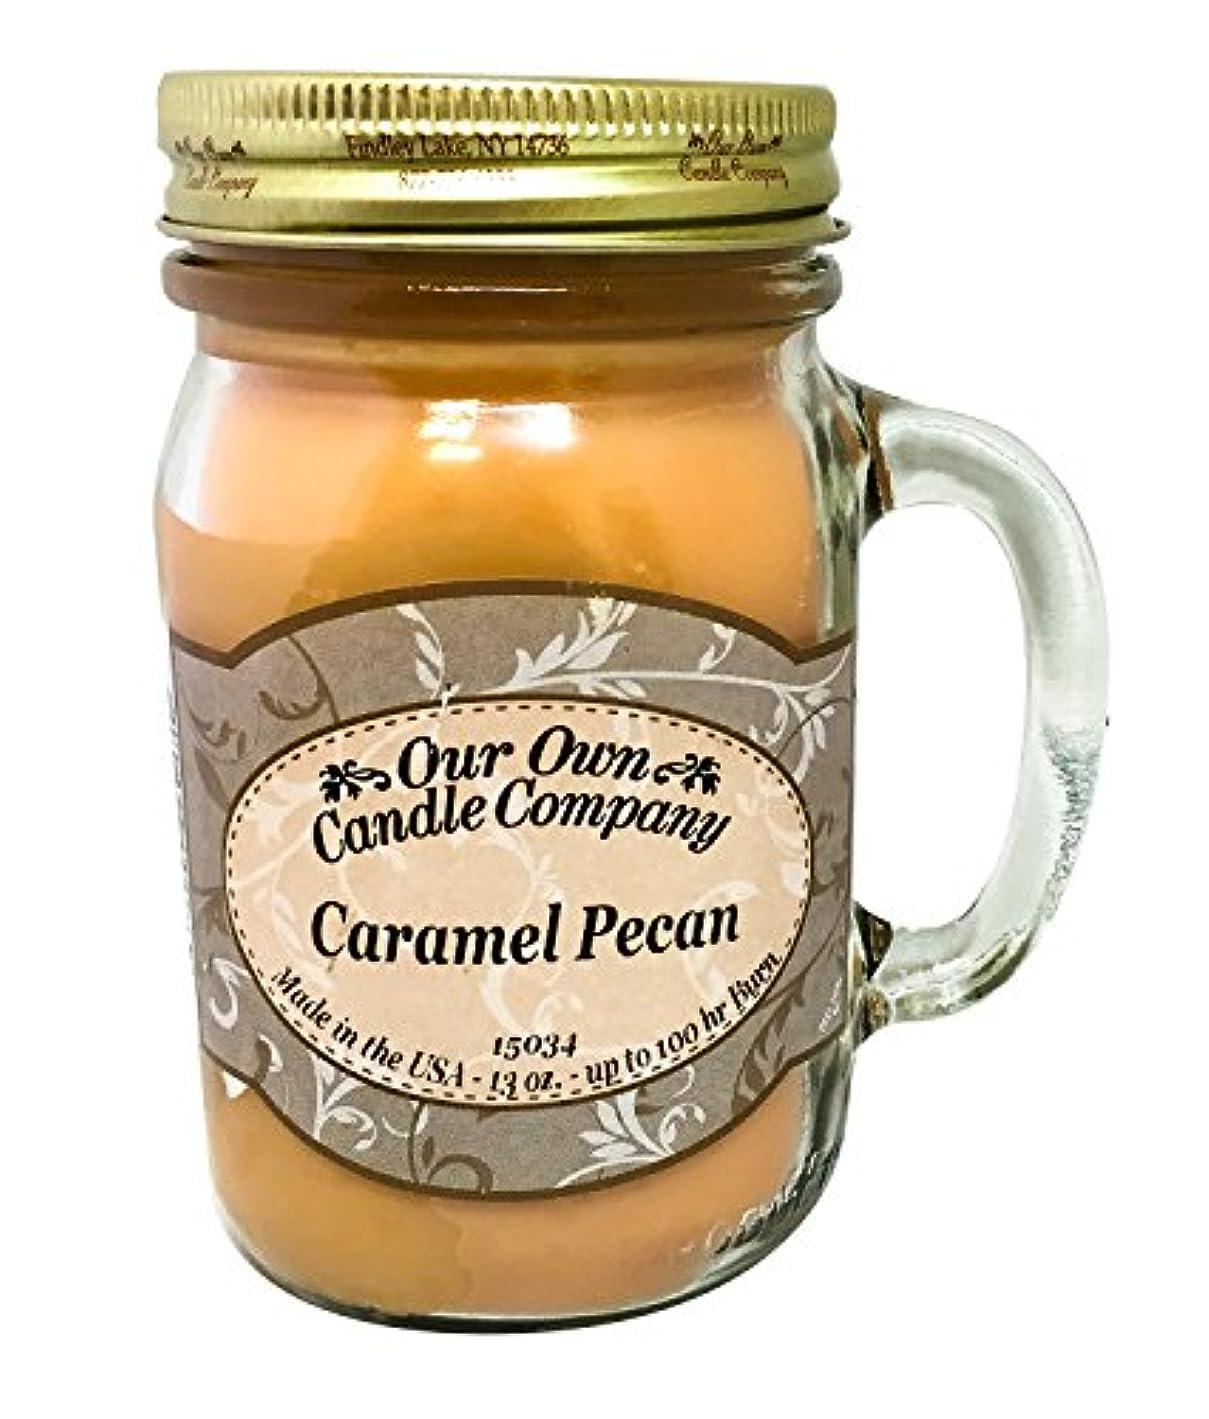 疑問に思う委託等価アロマキャンドル メイソンジャー キャラメルピーカン ビッグ Our Own Candle Company Caramel Pecan big